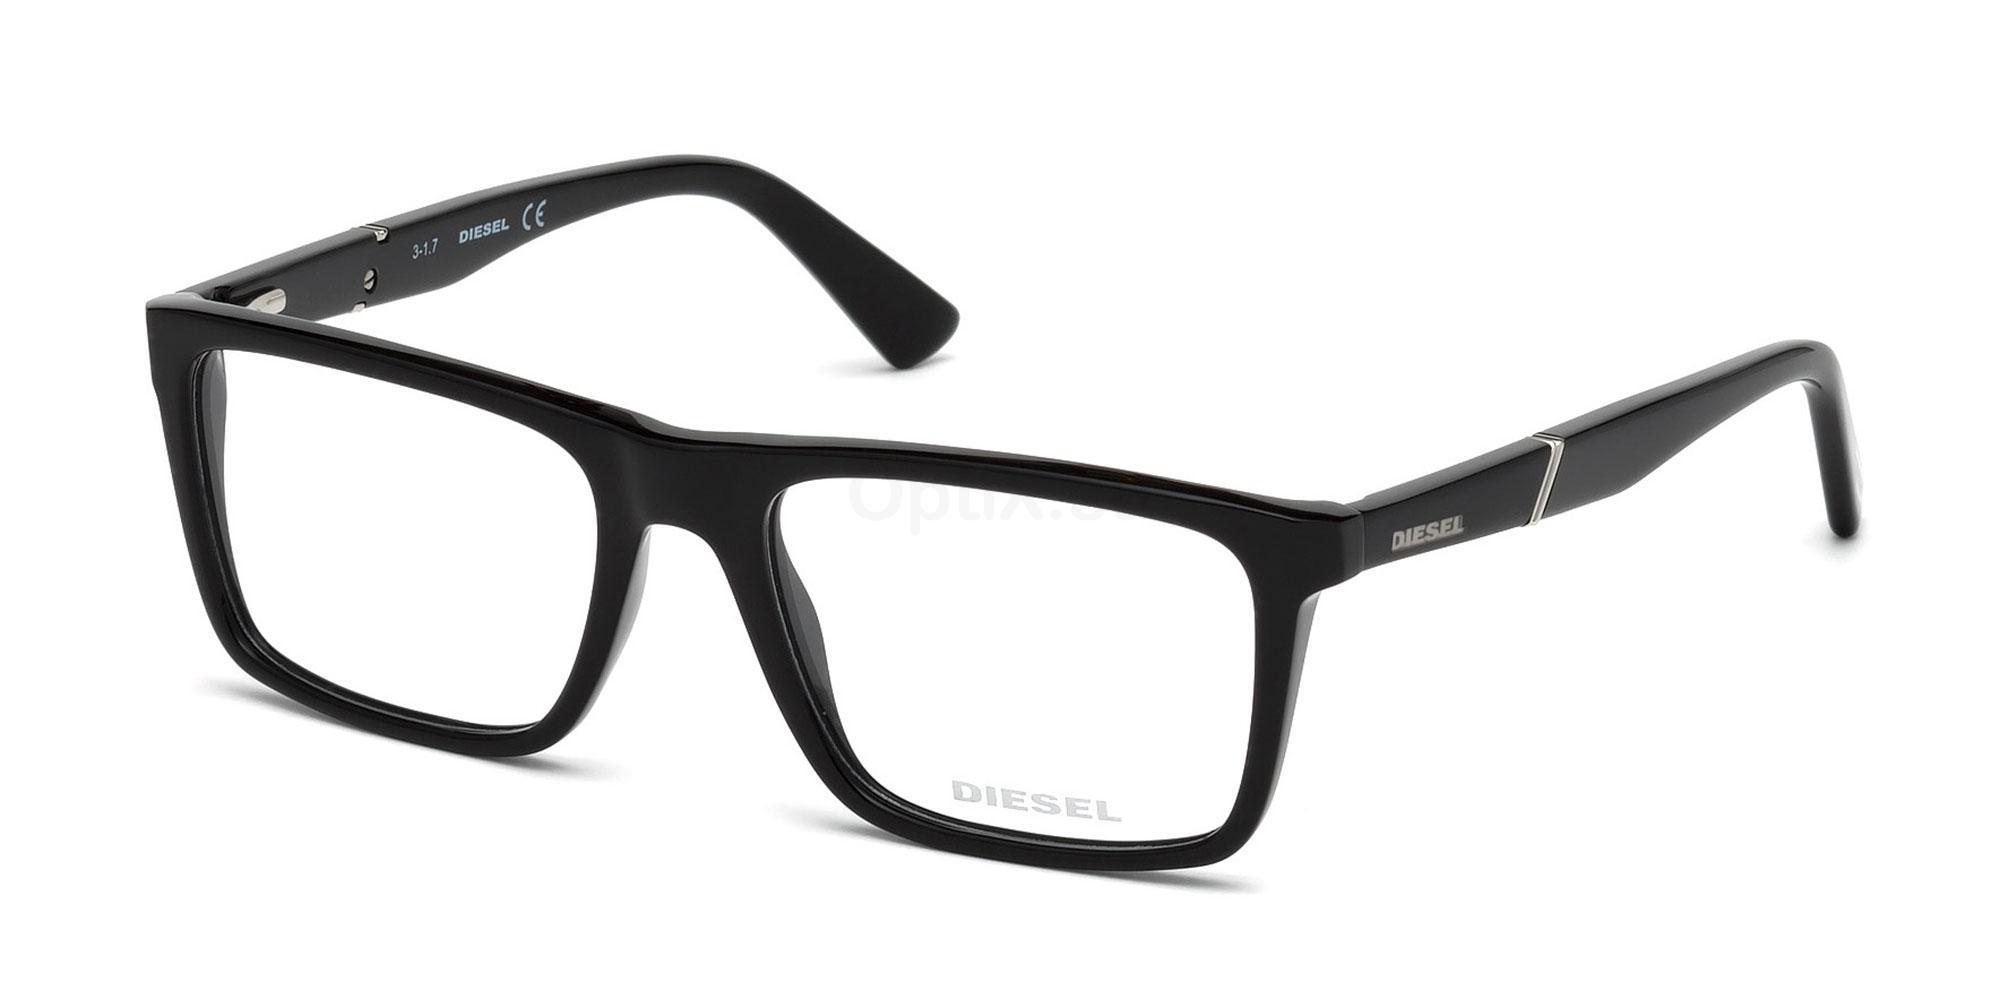 001 DL5257 Glasses, Diesel